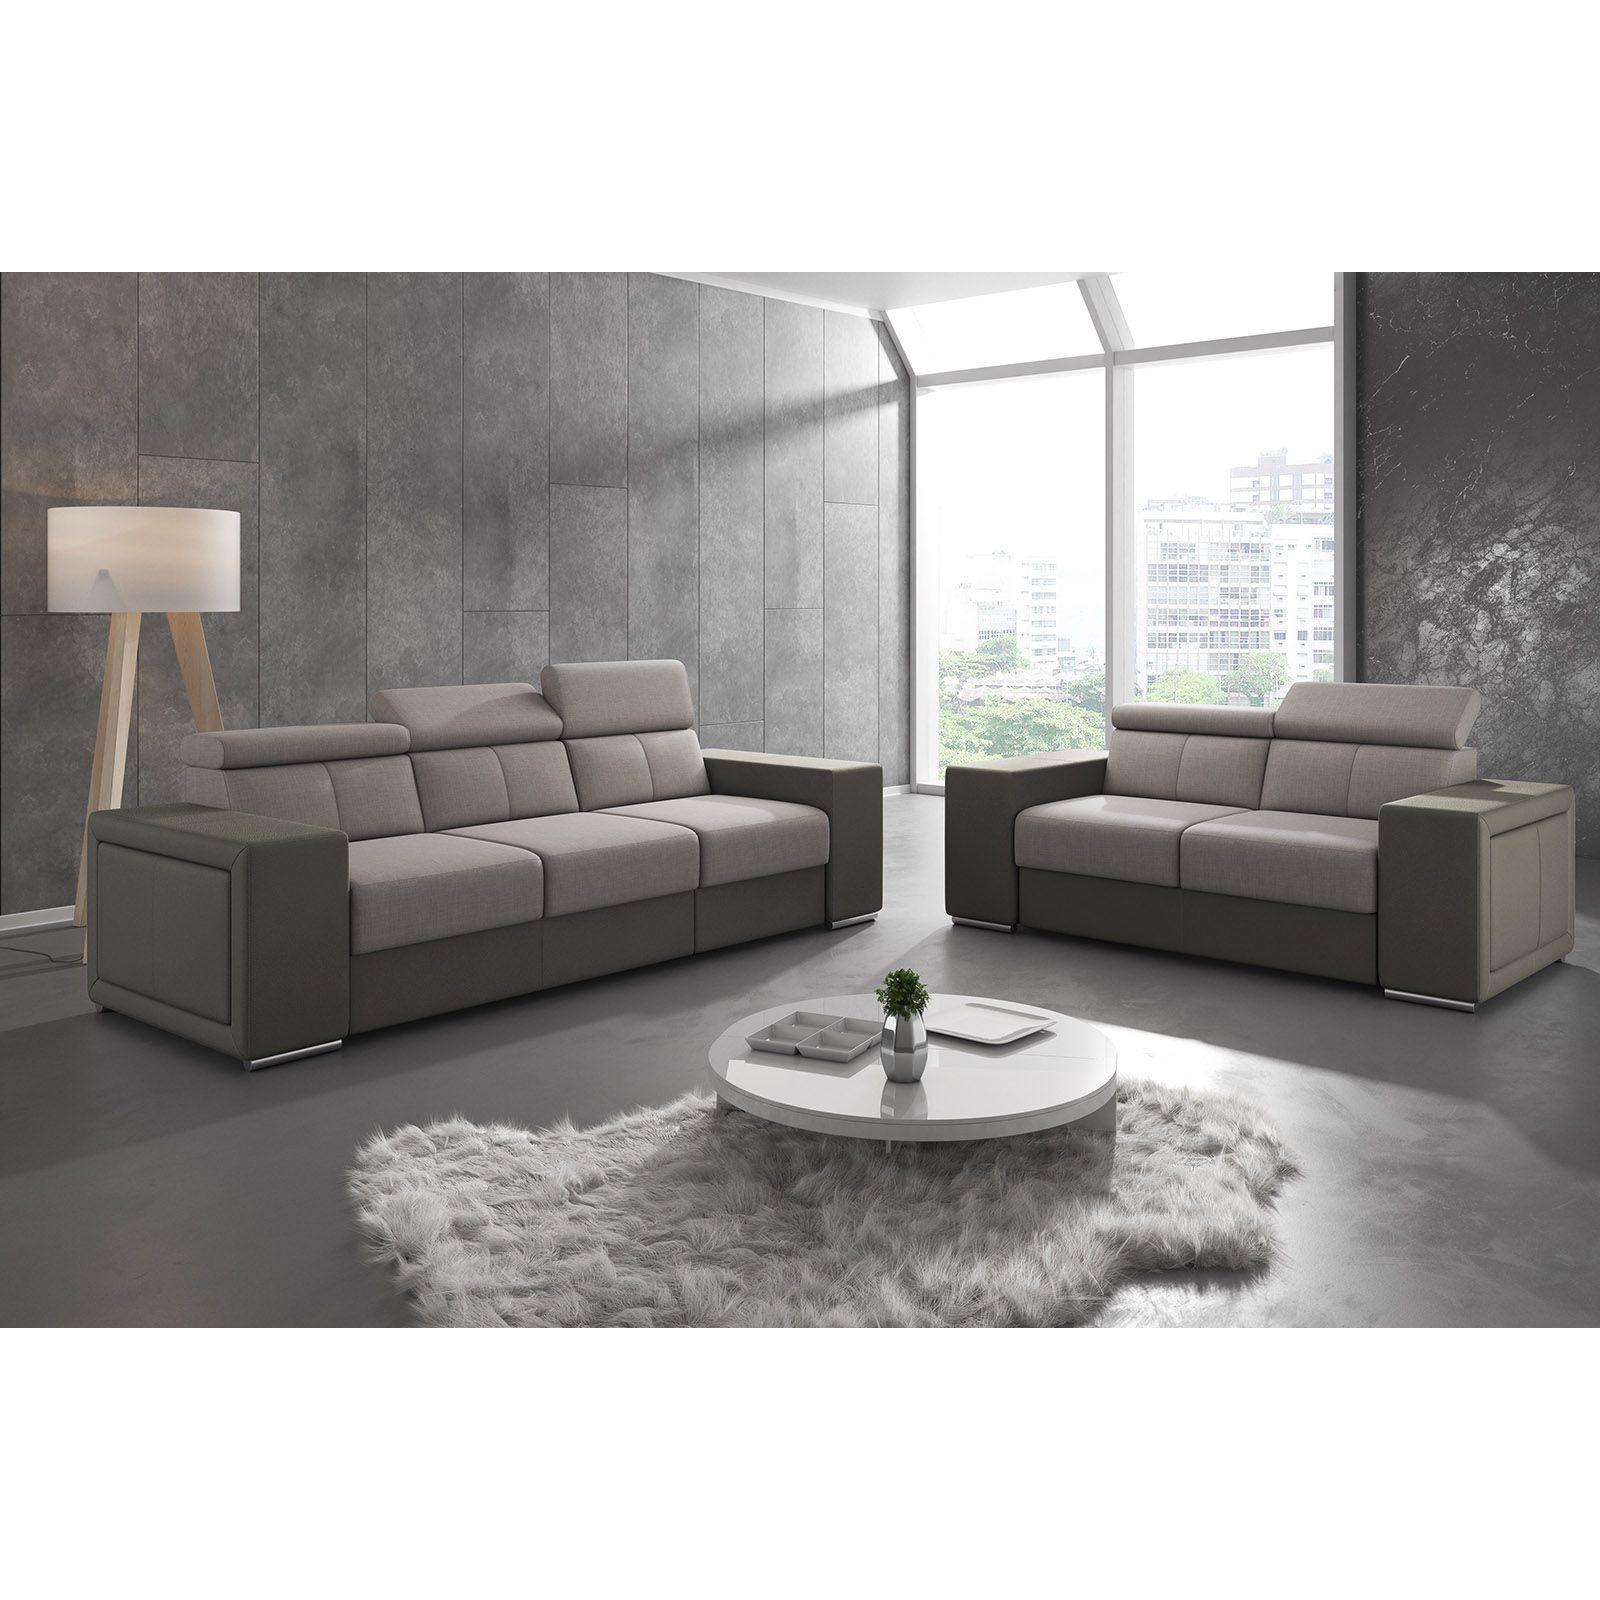 Salon Canapé moderne 2 places en tissu marron clair et